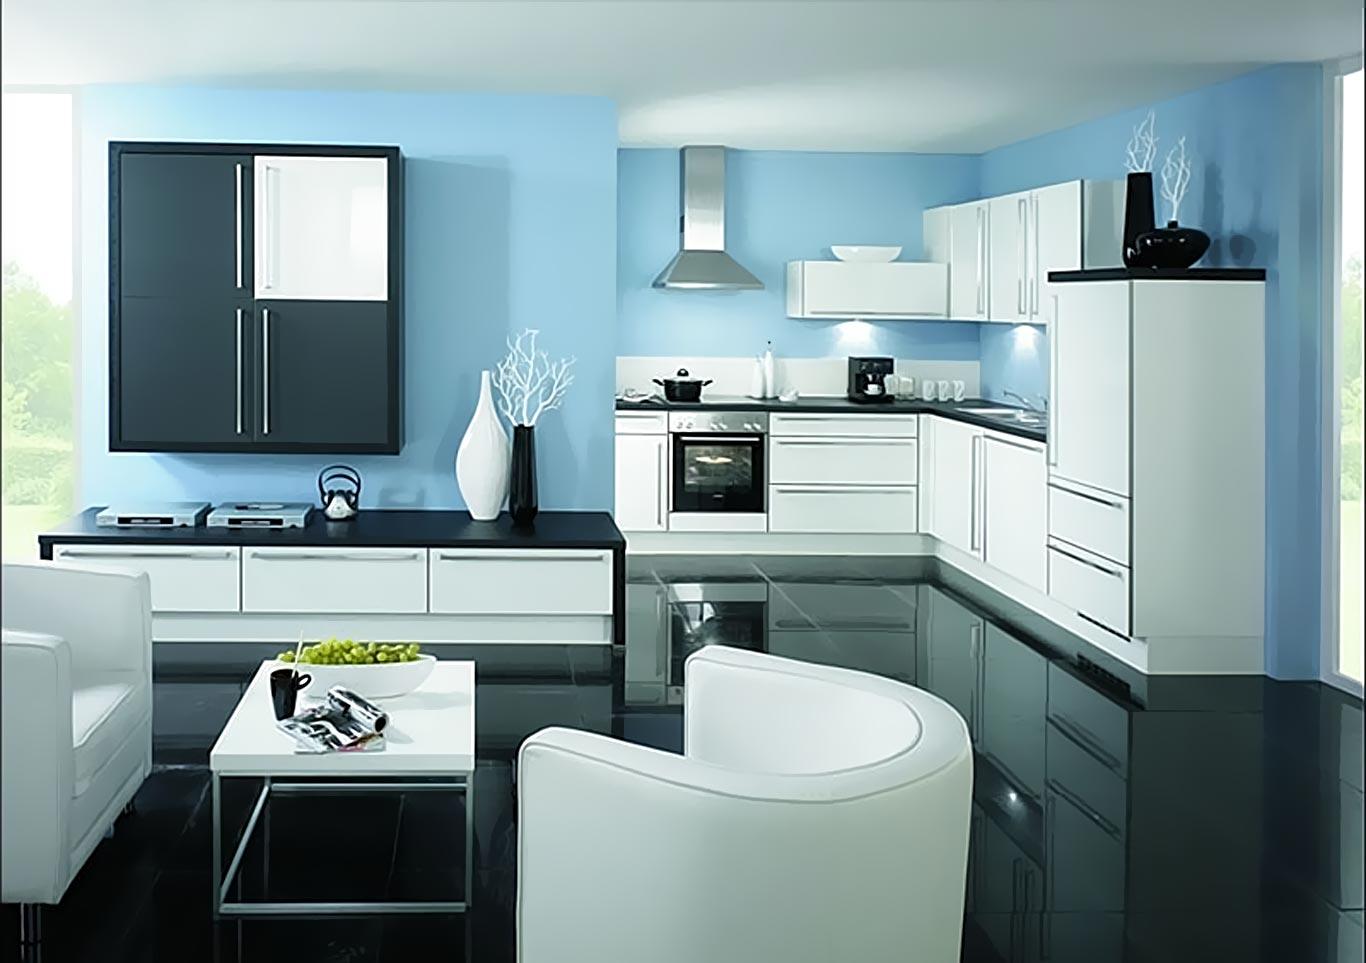 Mẫu tủ bếp Acrylic hiện đại nhất năm